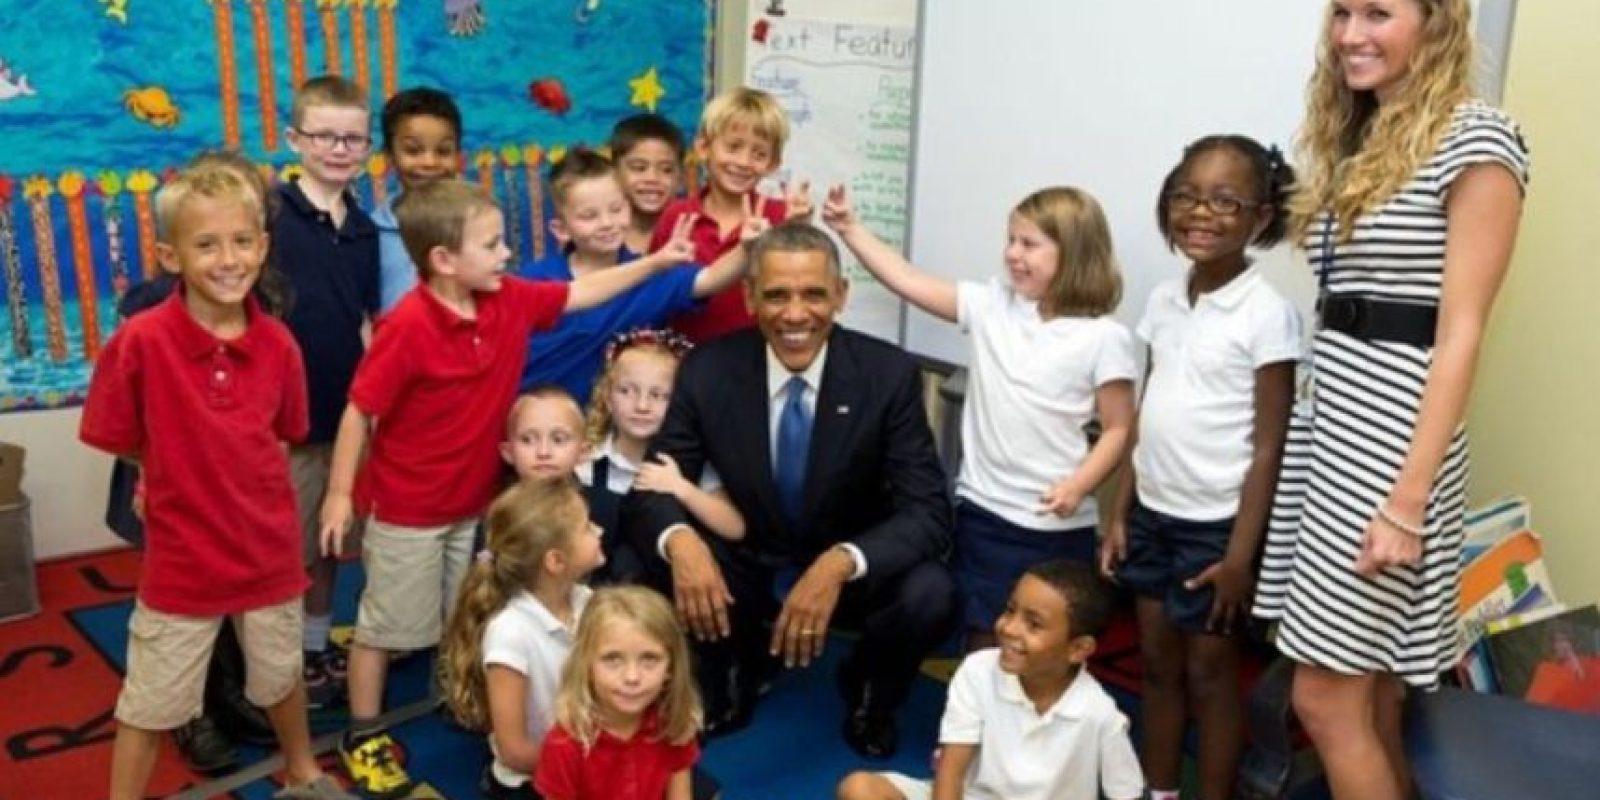 El presidente no se enoja si lo molestan poniéndole cuernos. Foto: Vía whitehouse.gov/photos. Imagen Por: